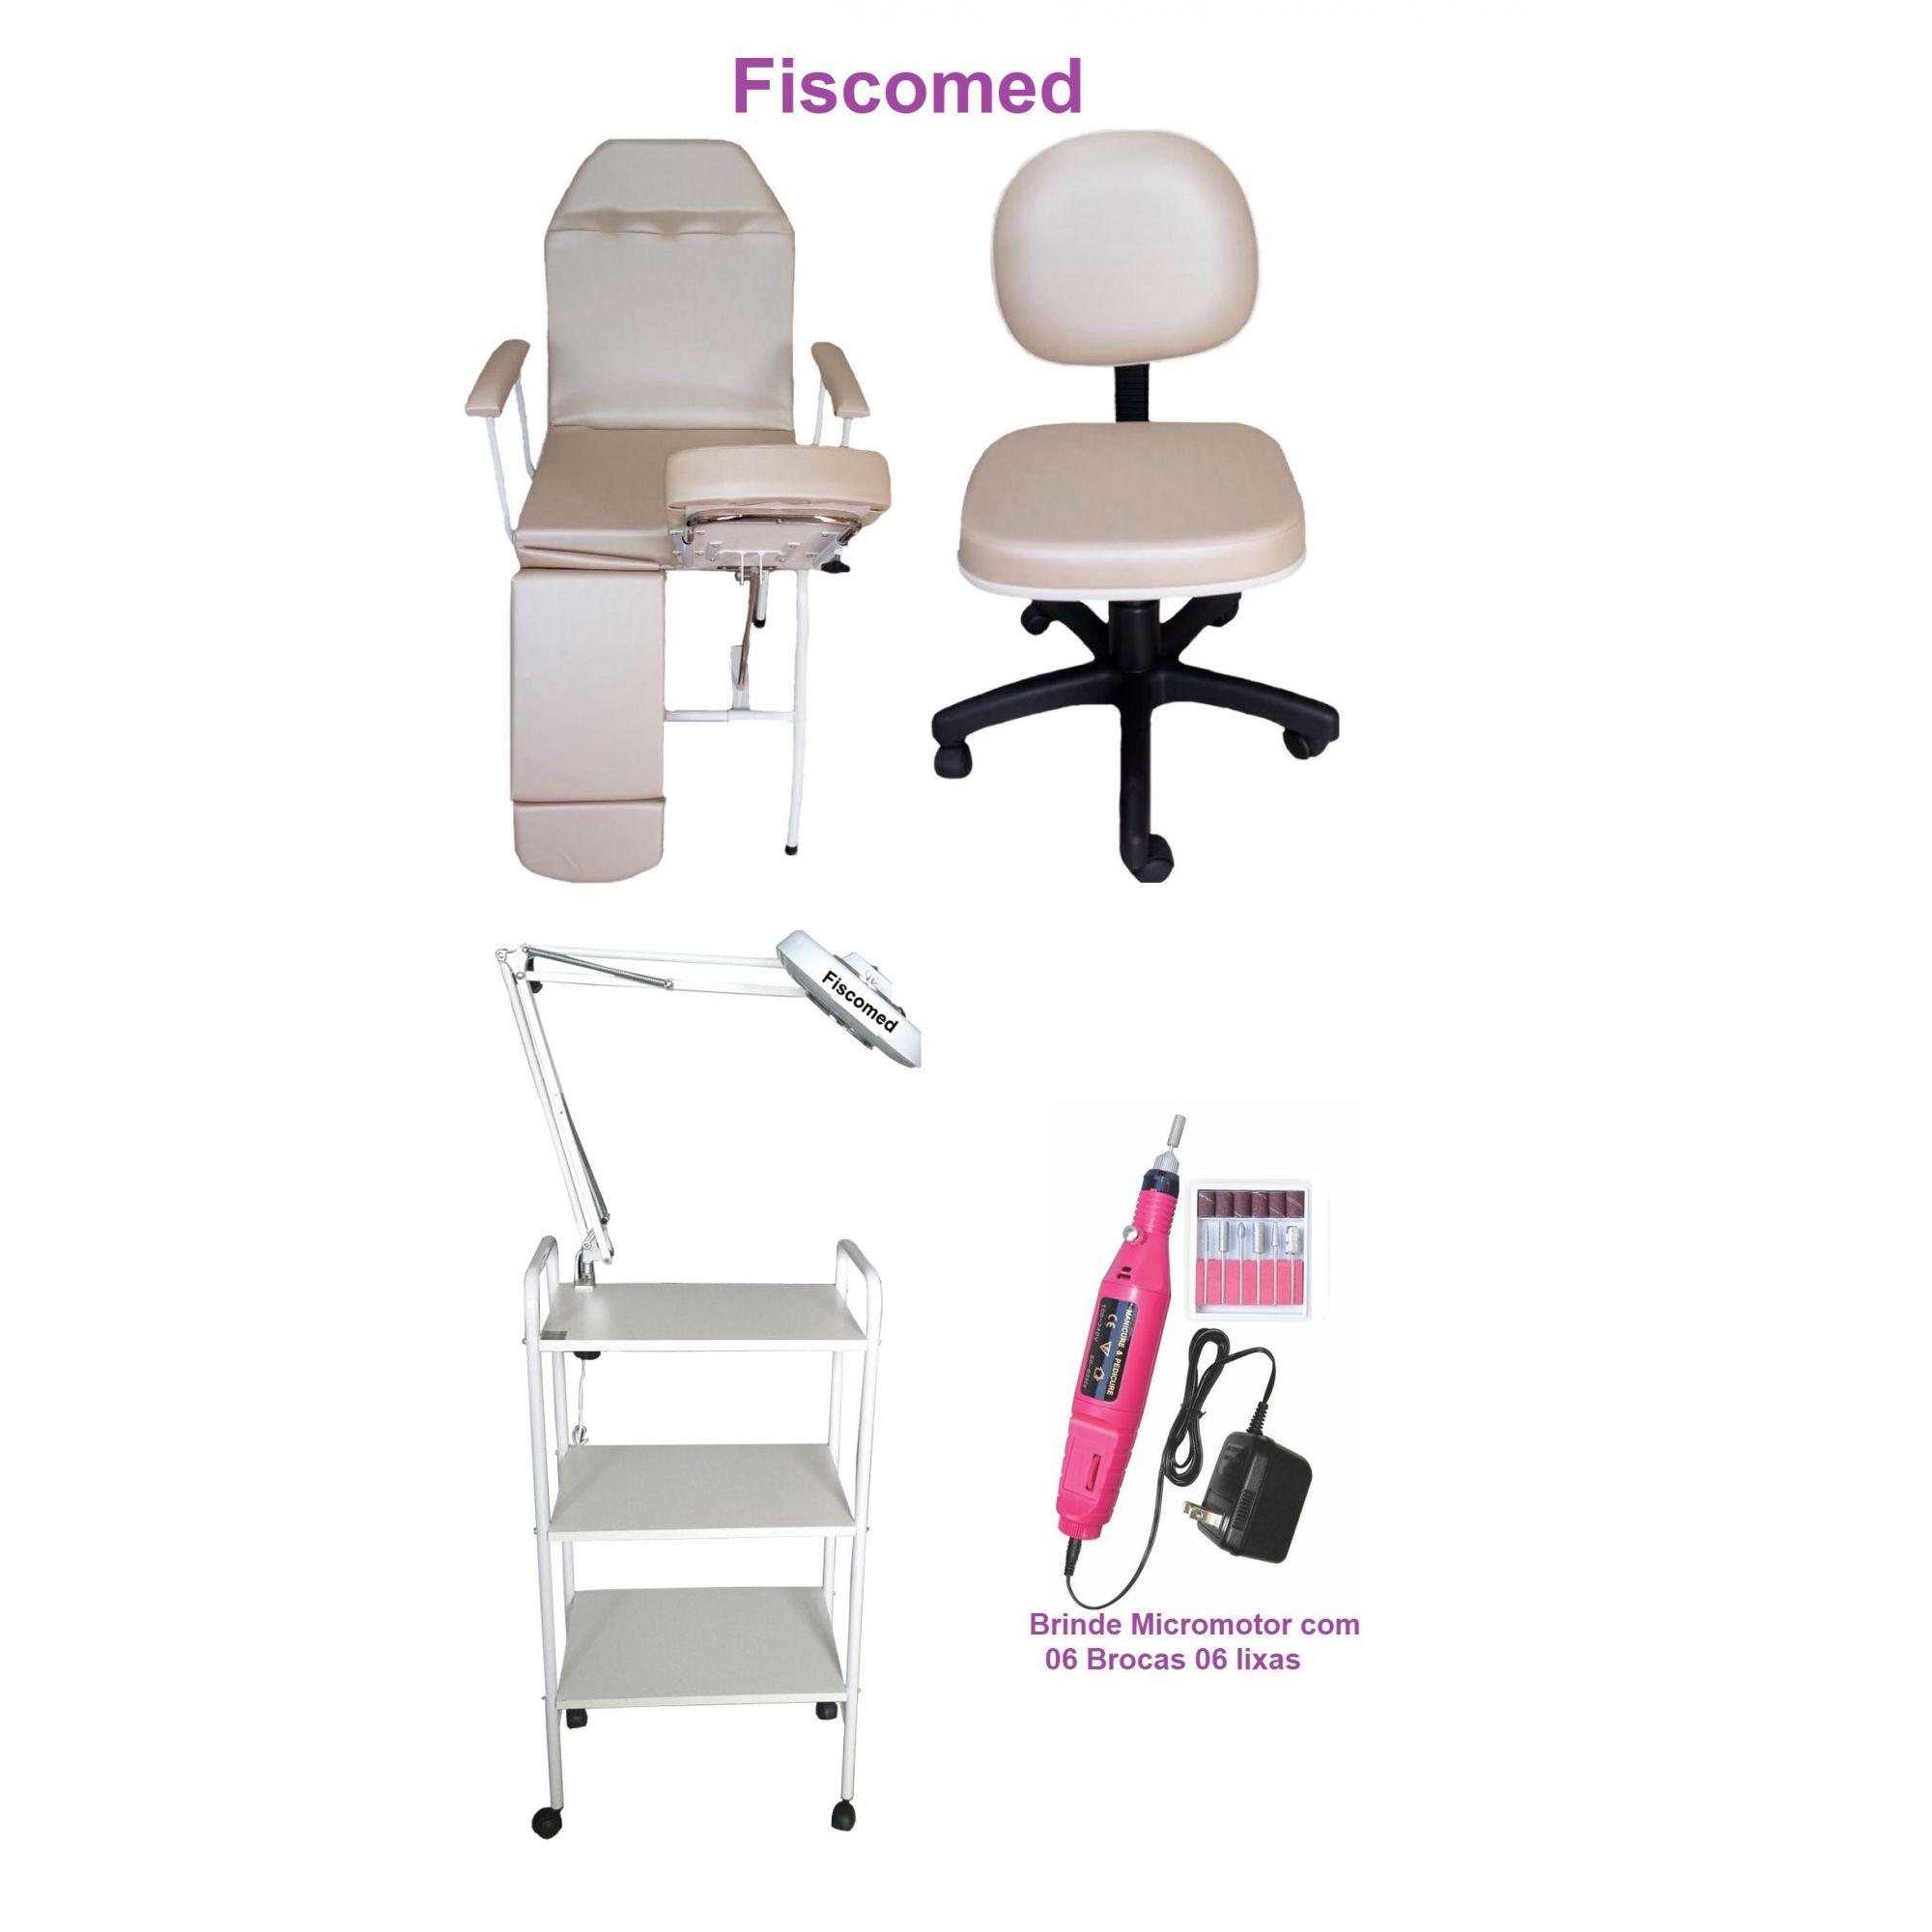 Kit Bege Para Podologia Cadeira Luminária Com Exaustor Carrinho Mocho e Brinde Micro Motor